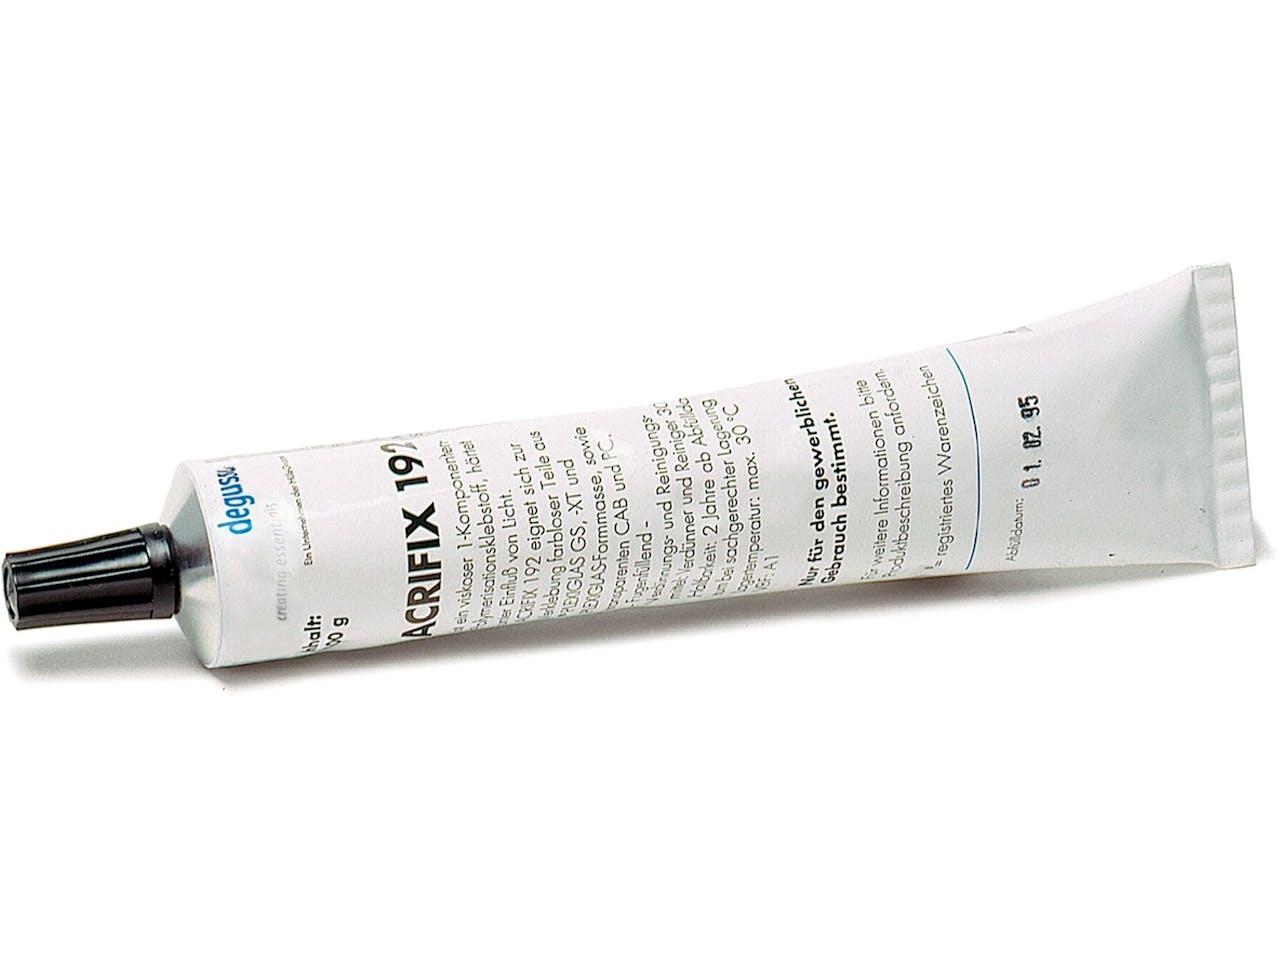 Acrifix 192 Acryl-Kleber, Tube 100 g